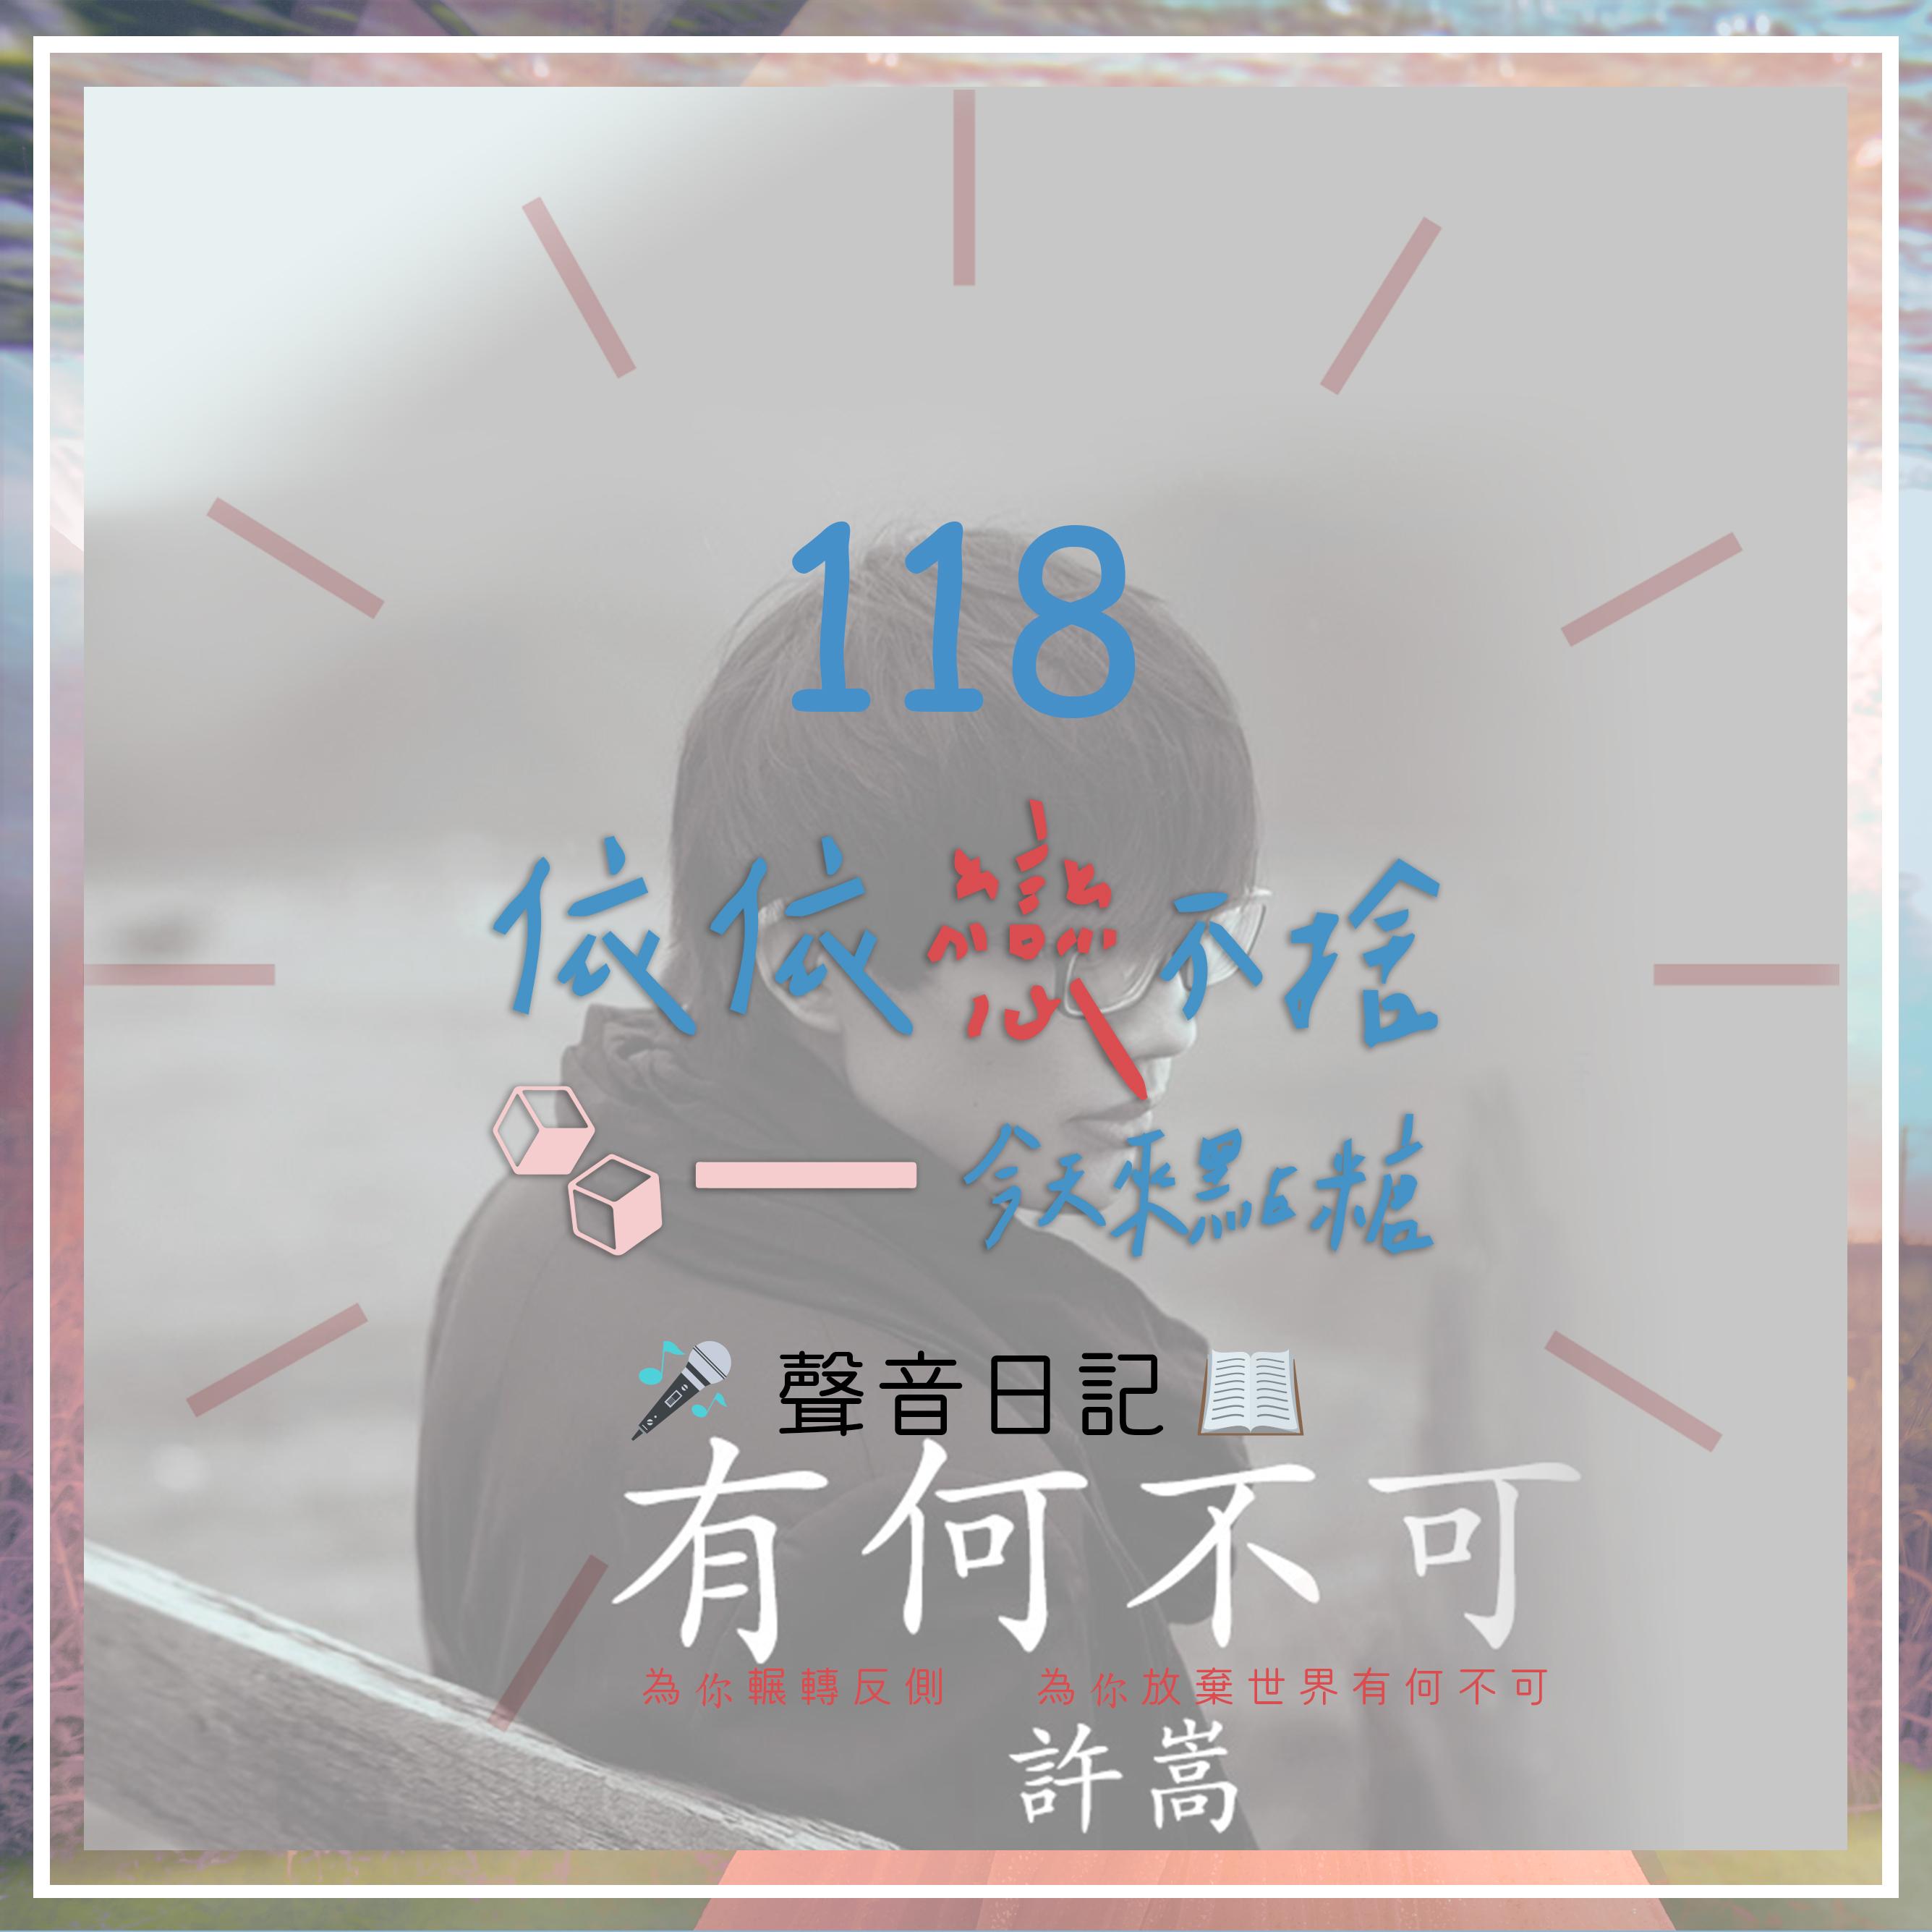 聲音日記118|有何不可 為你唱這首歌僅僅代表著我希望你快樂